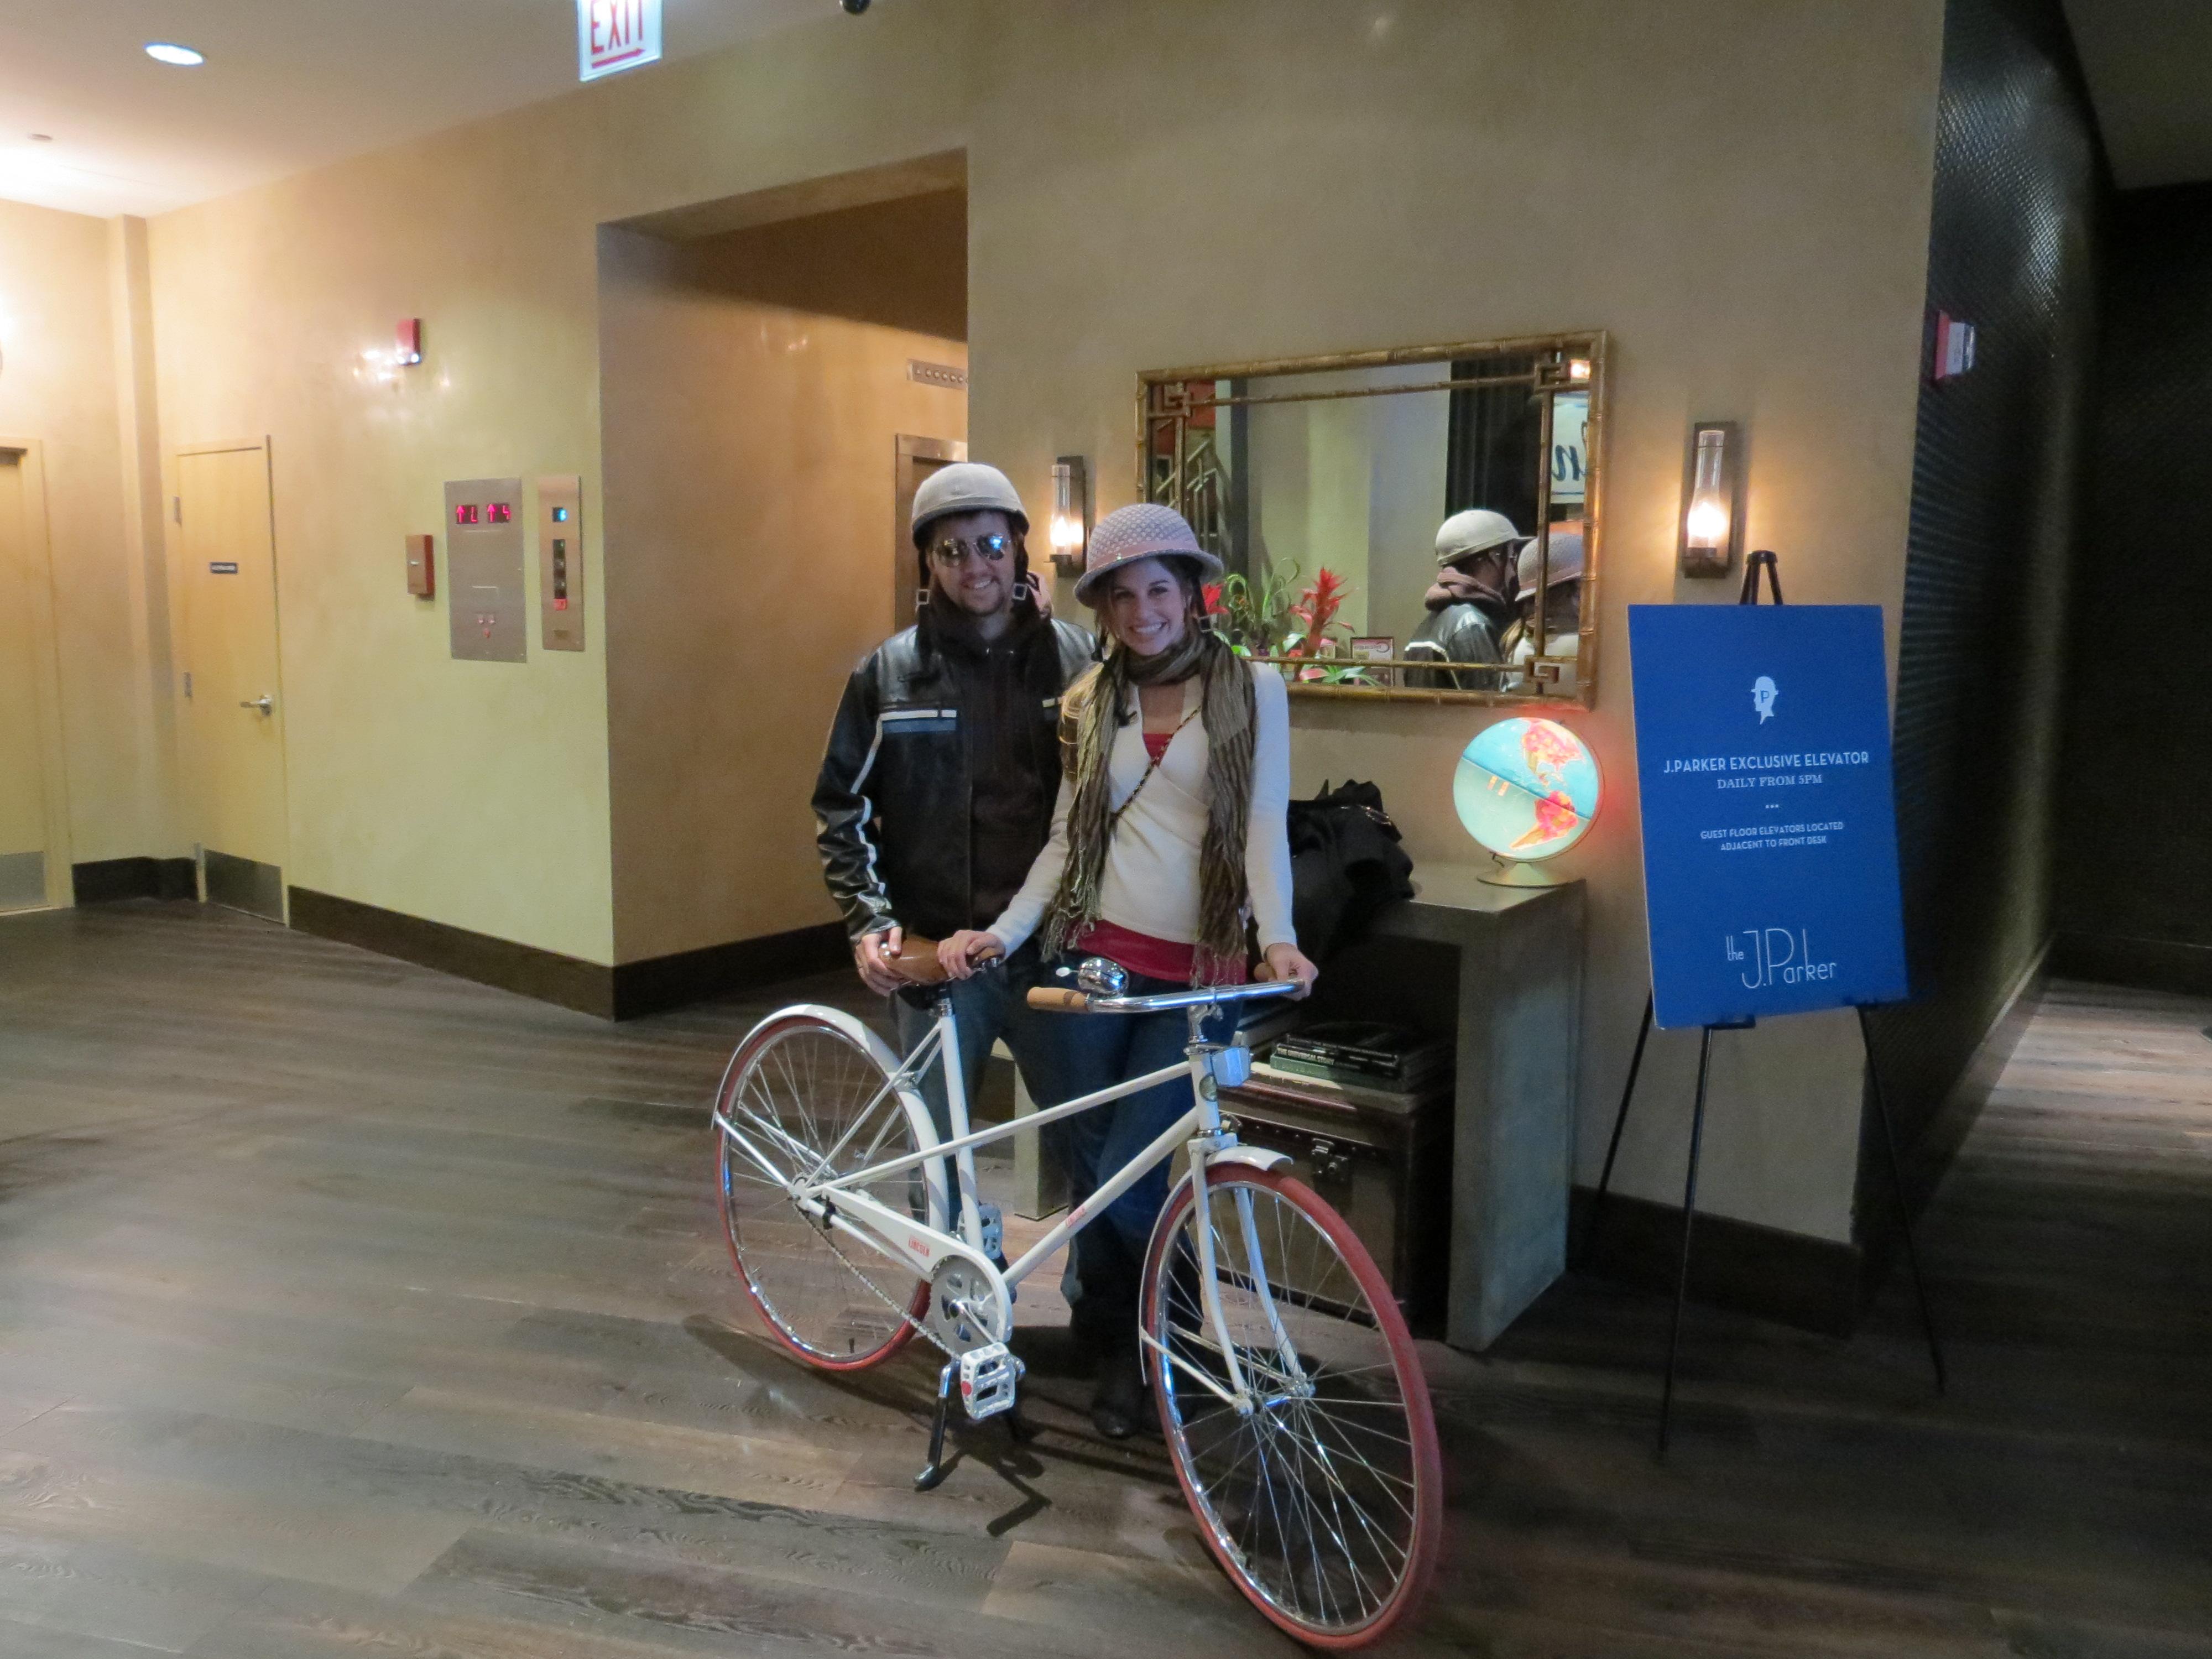 Hotel lIncoln bike rental